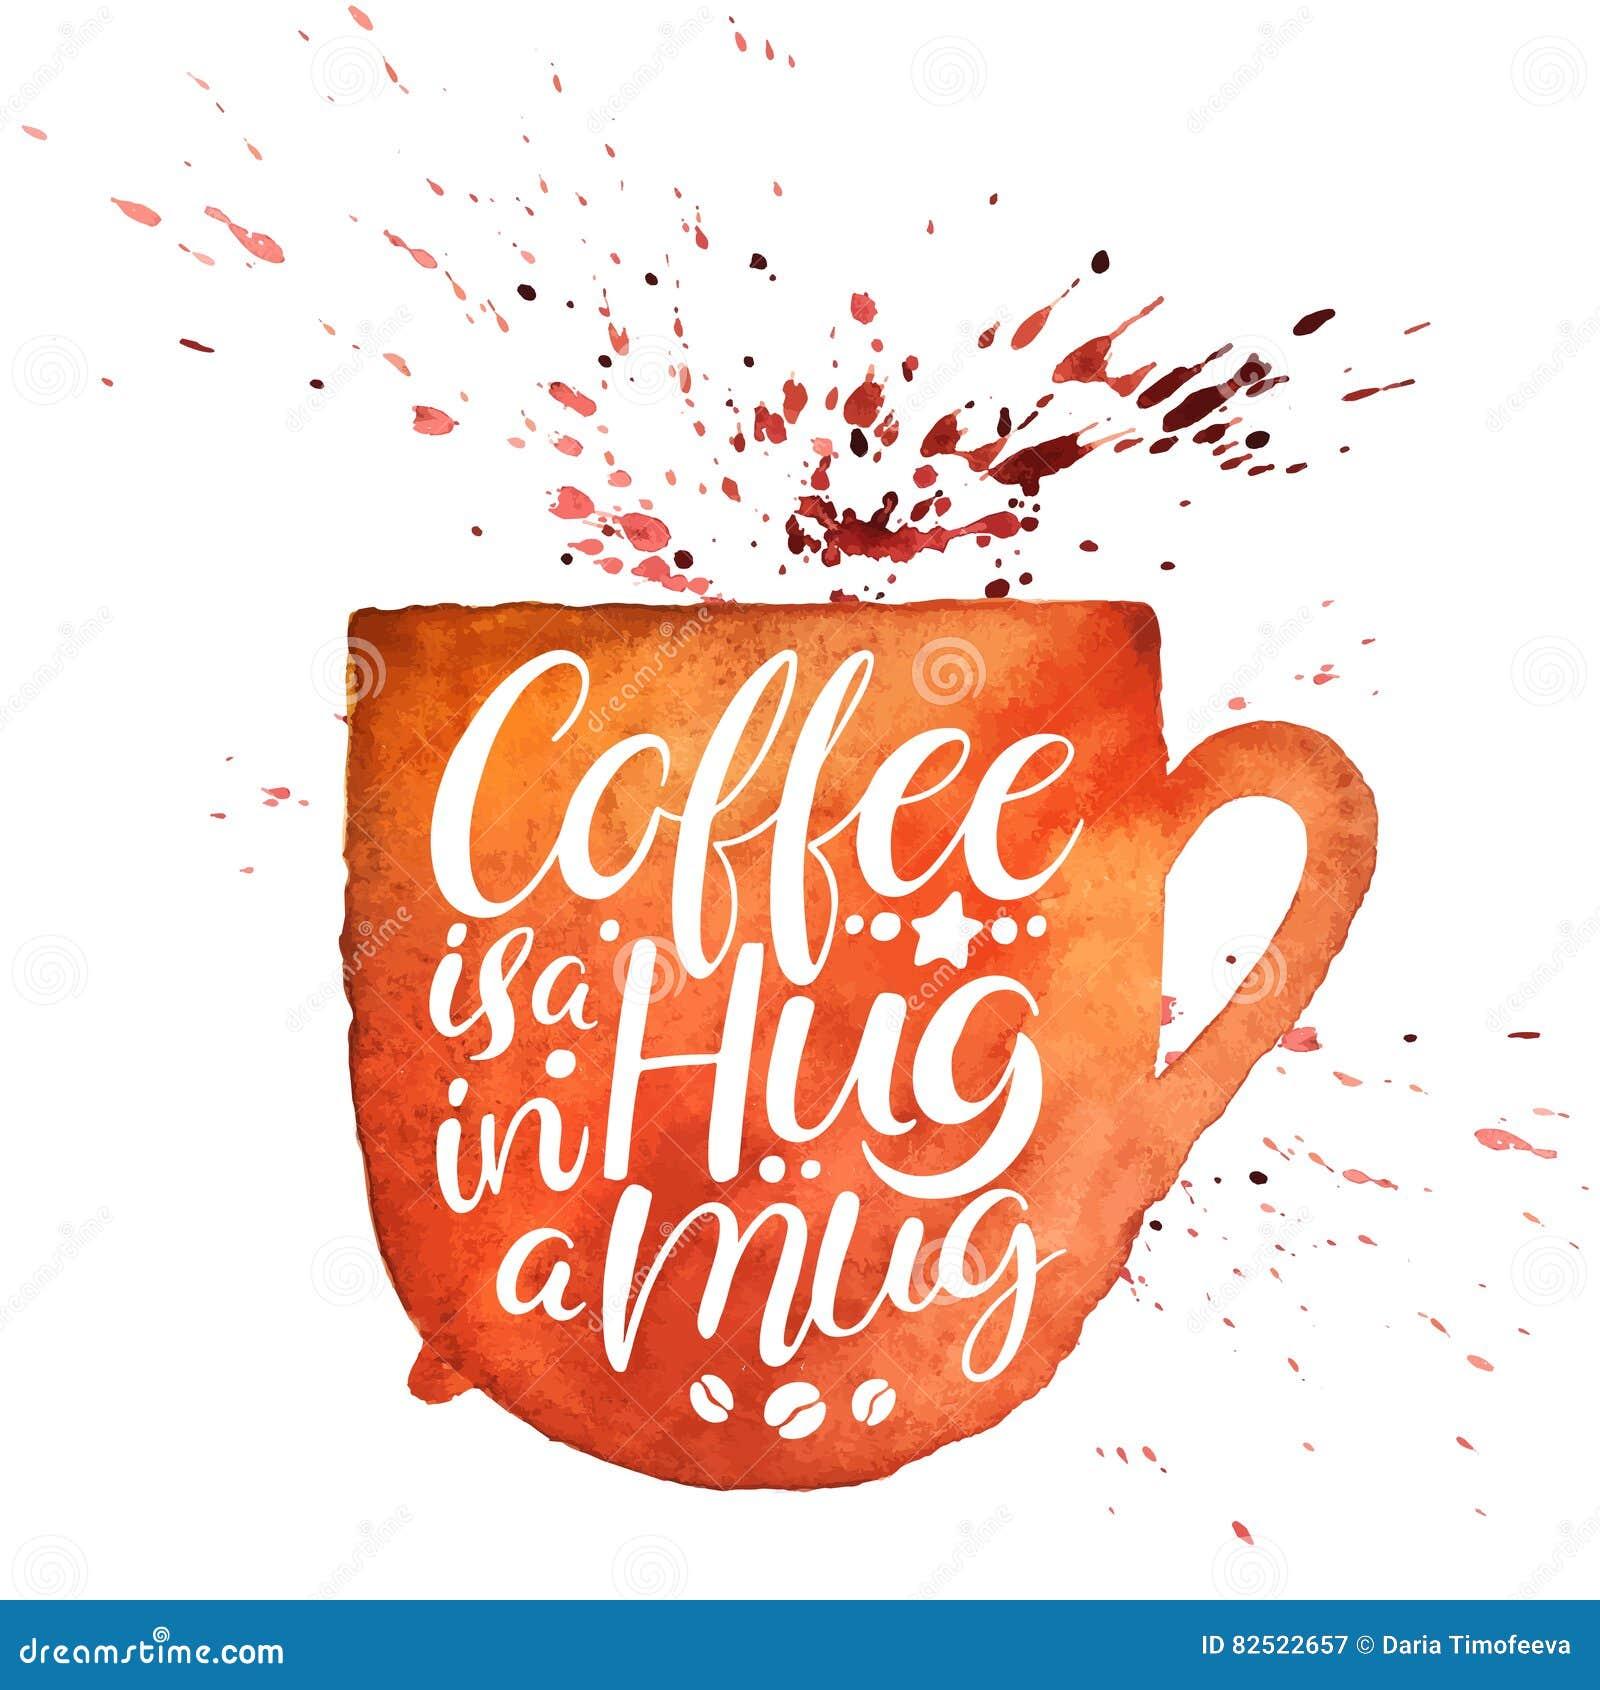 Kaffe är en kram i en råna